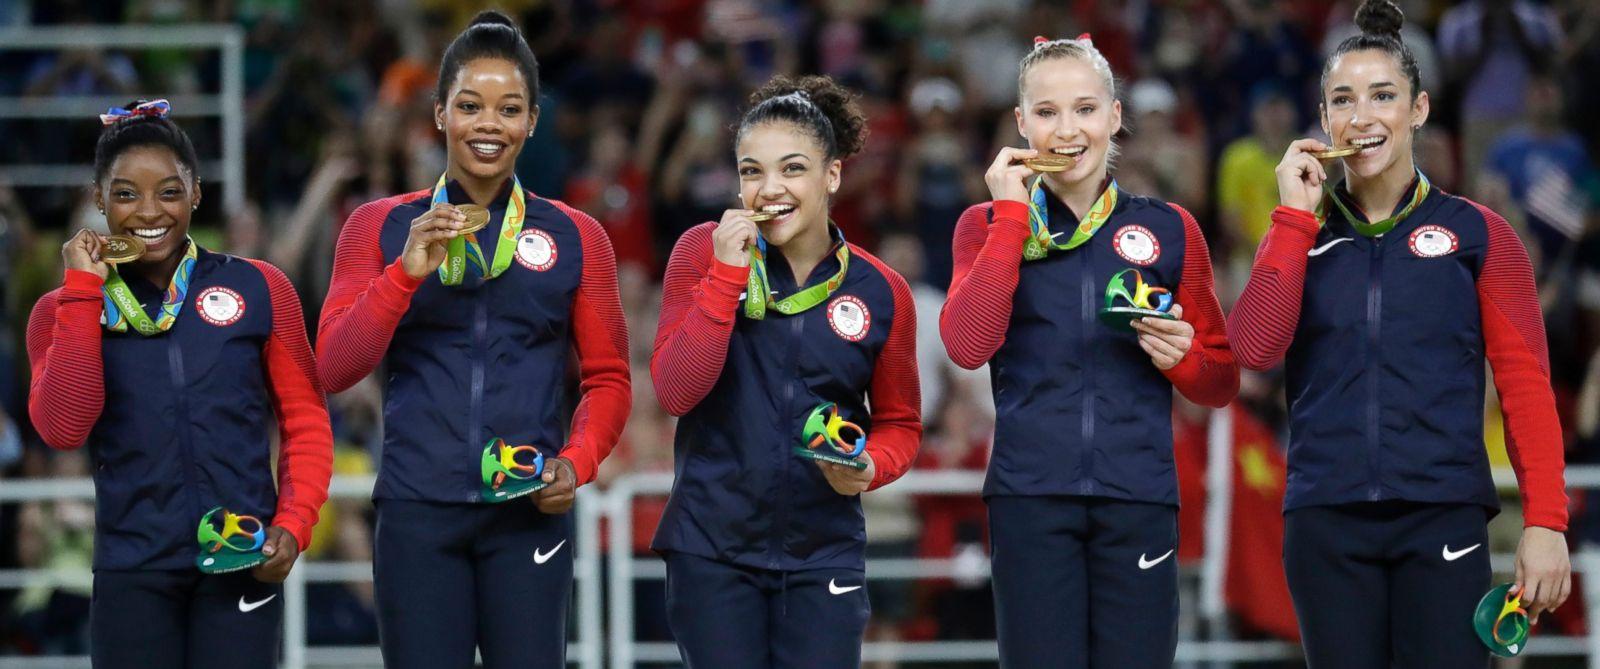 twist stars gymnastics meet 2016 olympics